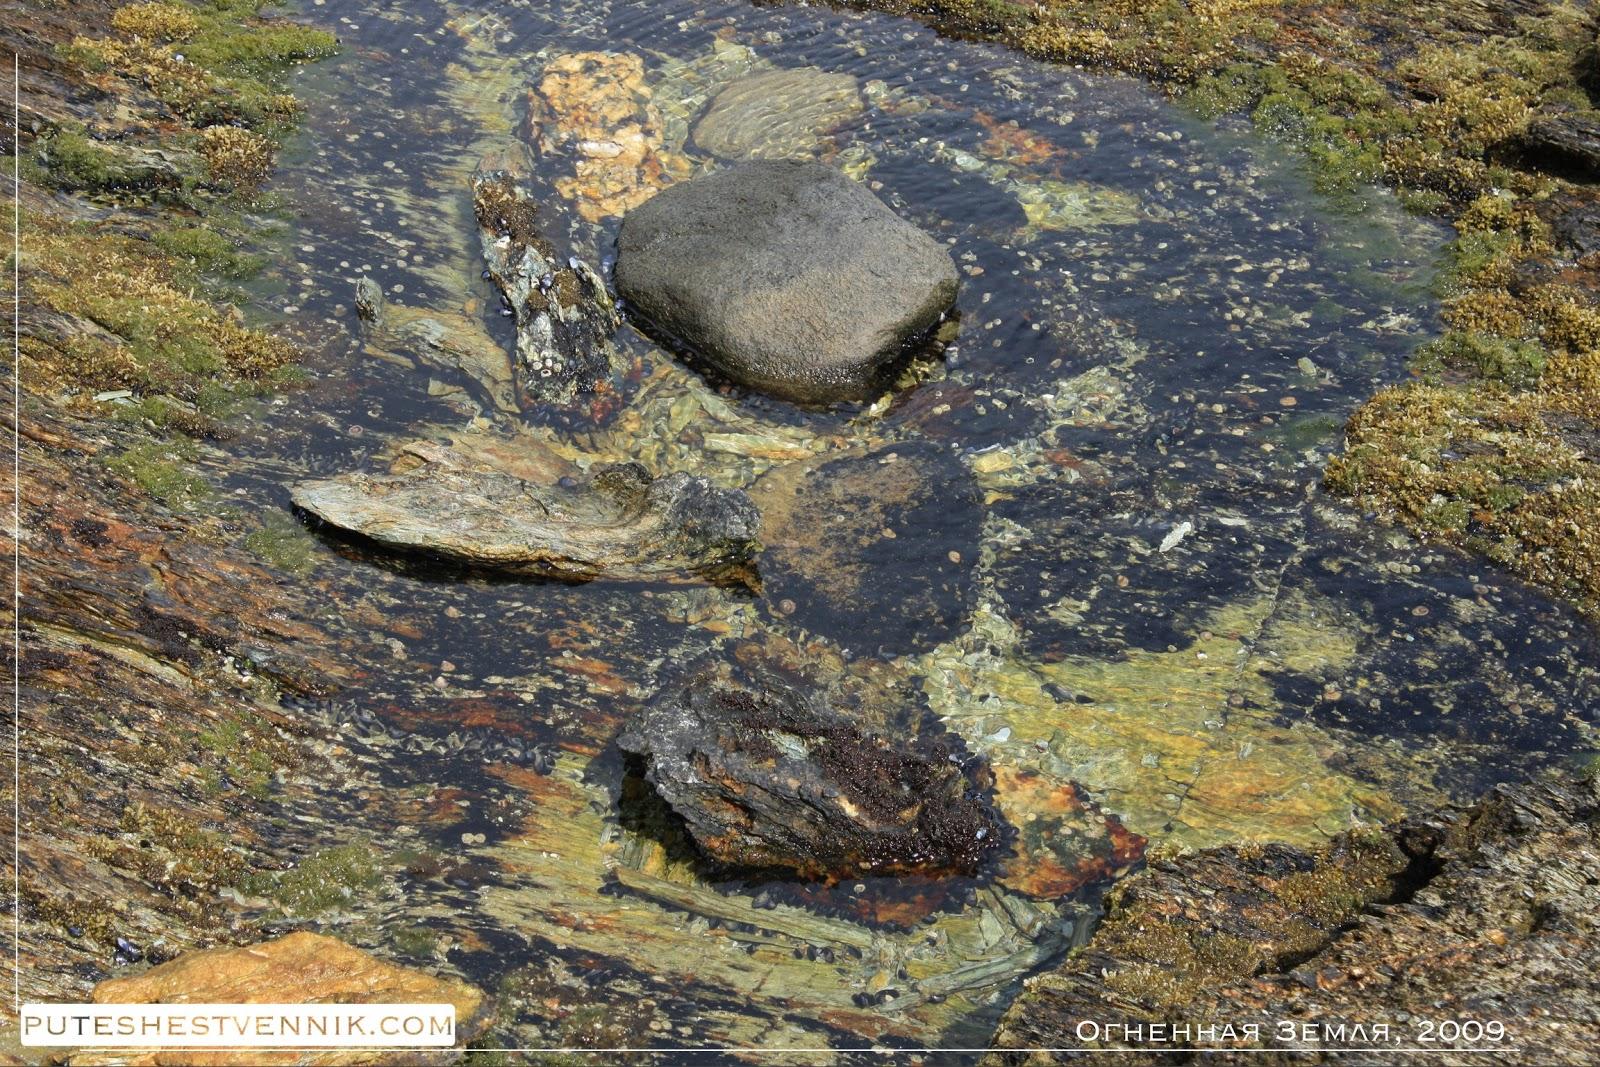 Скала, камни и морская вода